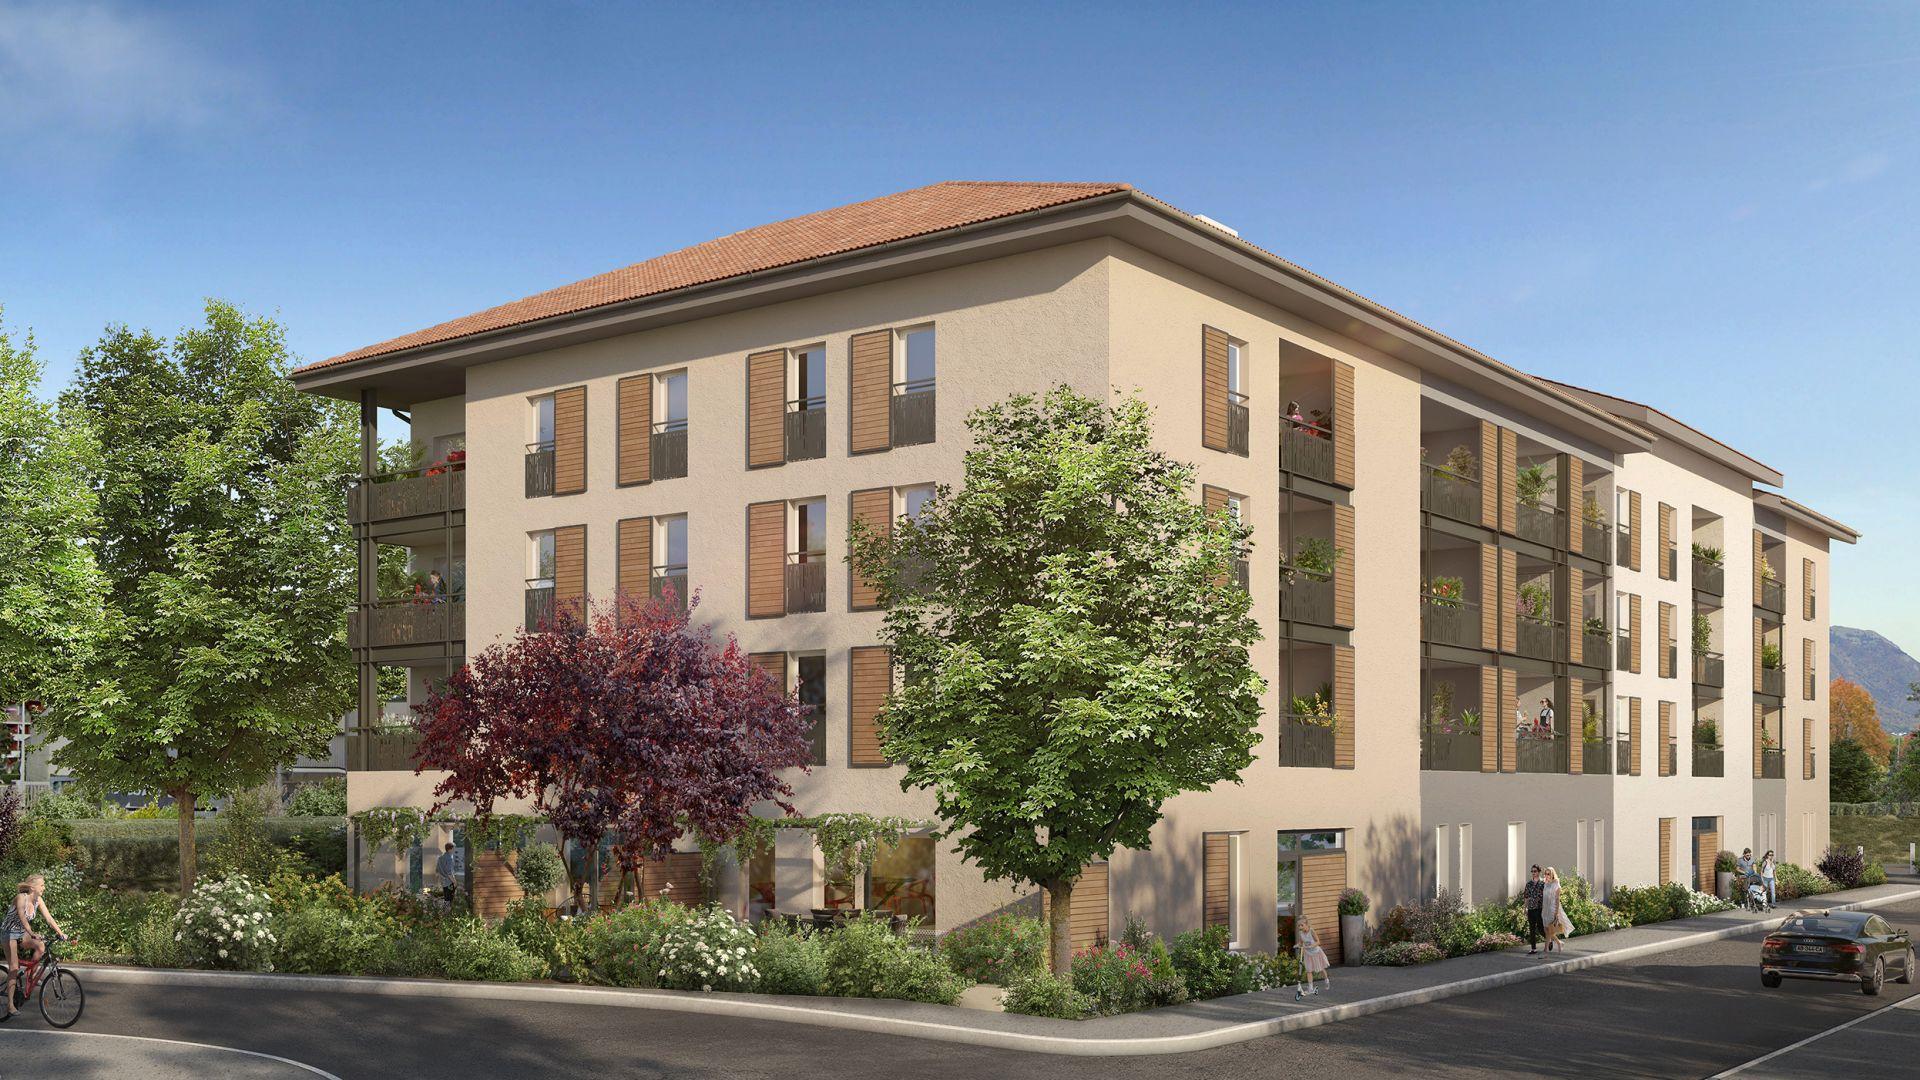 Greencity Immobilier - Clos Charvin - achat appartement neuf du T1 au T3 - Bonneville 74130  - vue pignon